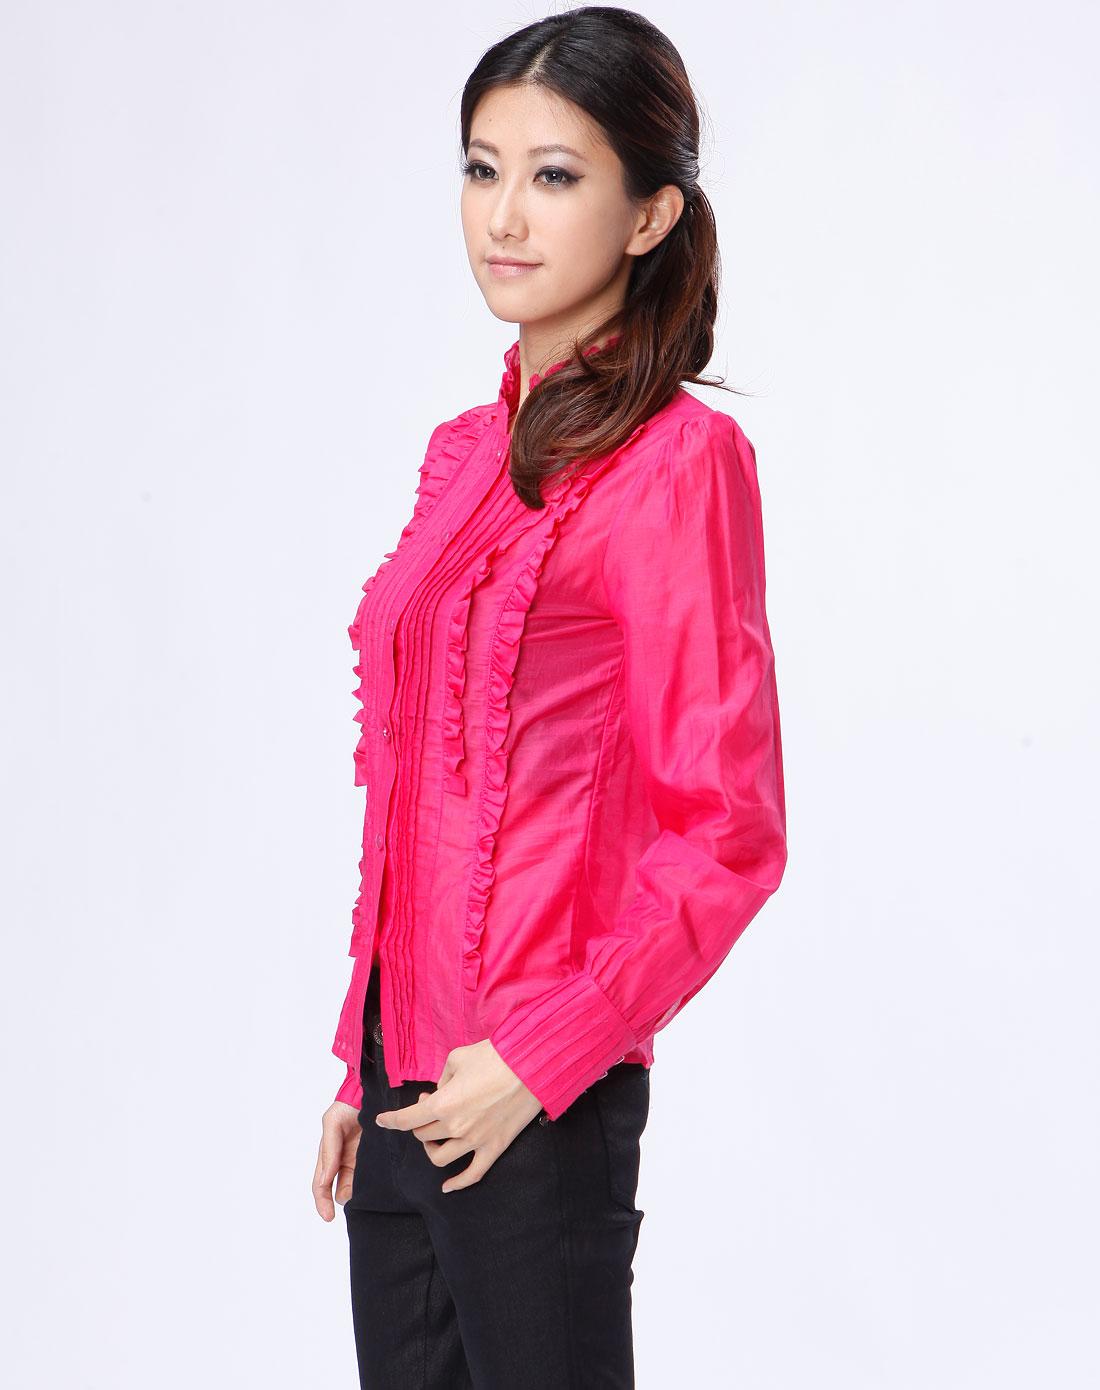 德·玛纳 玫红色花边长袖衬衫